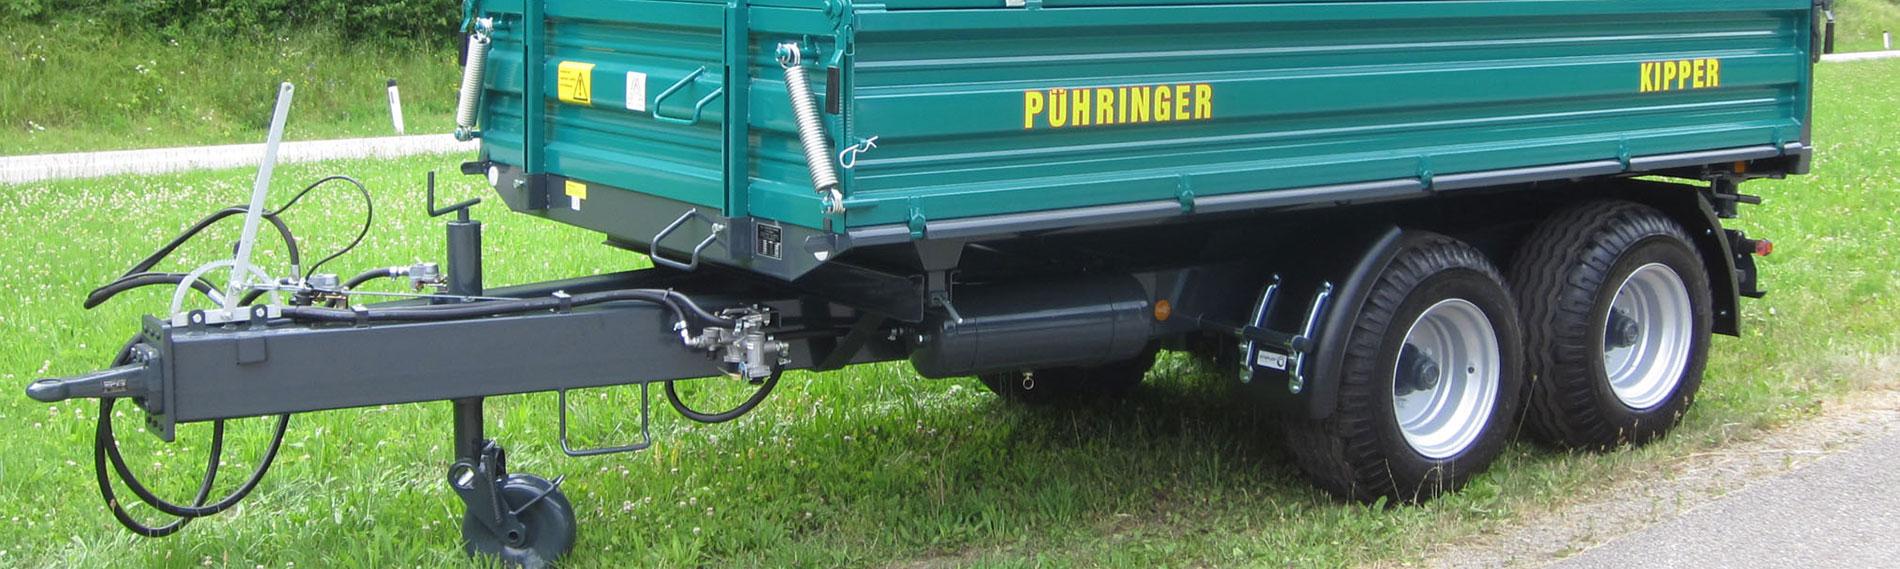 puehringer kipper parallax